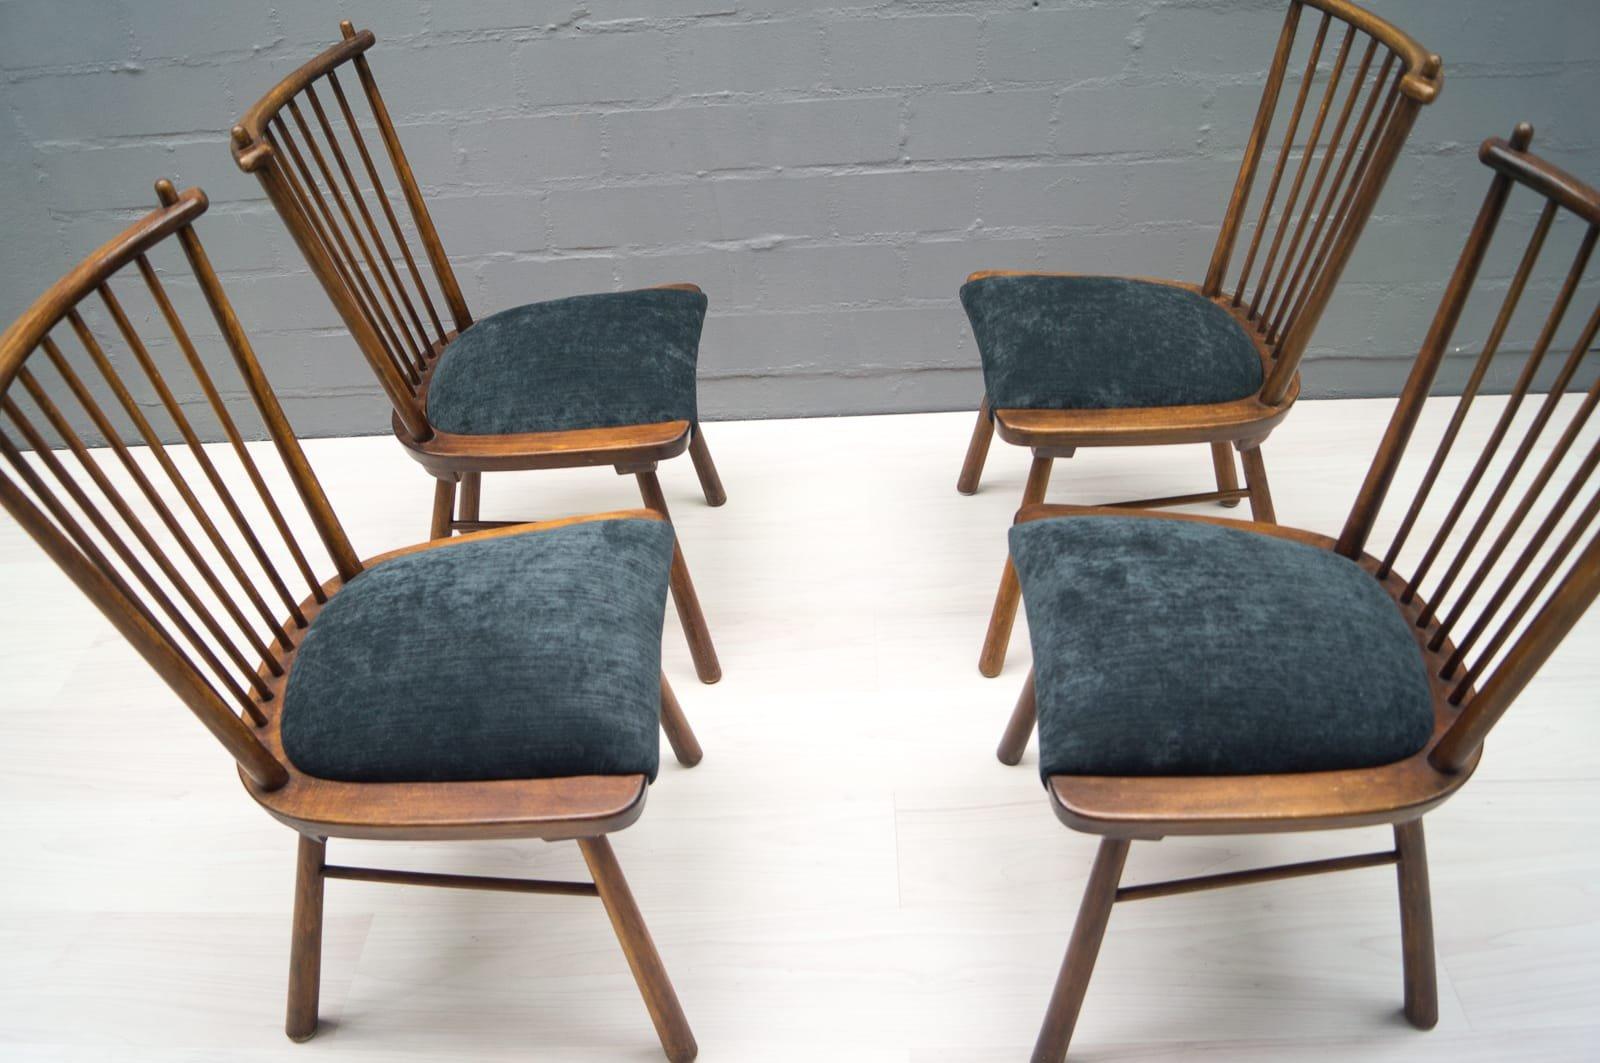 vintage holz esszimmerst hle 1950er 4er set bei pamono. Black Bedroom Furniture Sets. Home Design Ideas